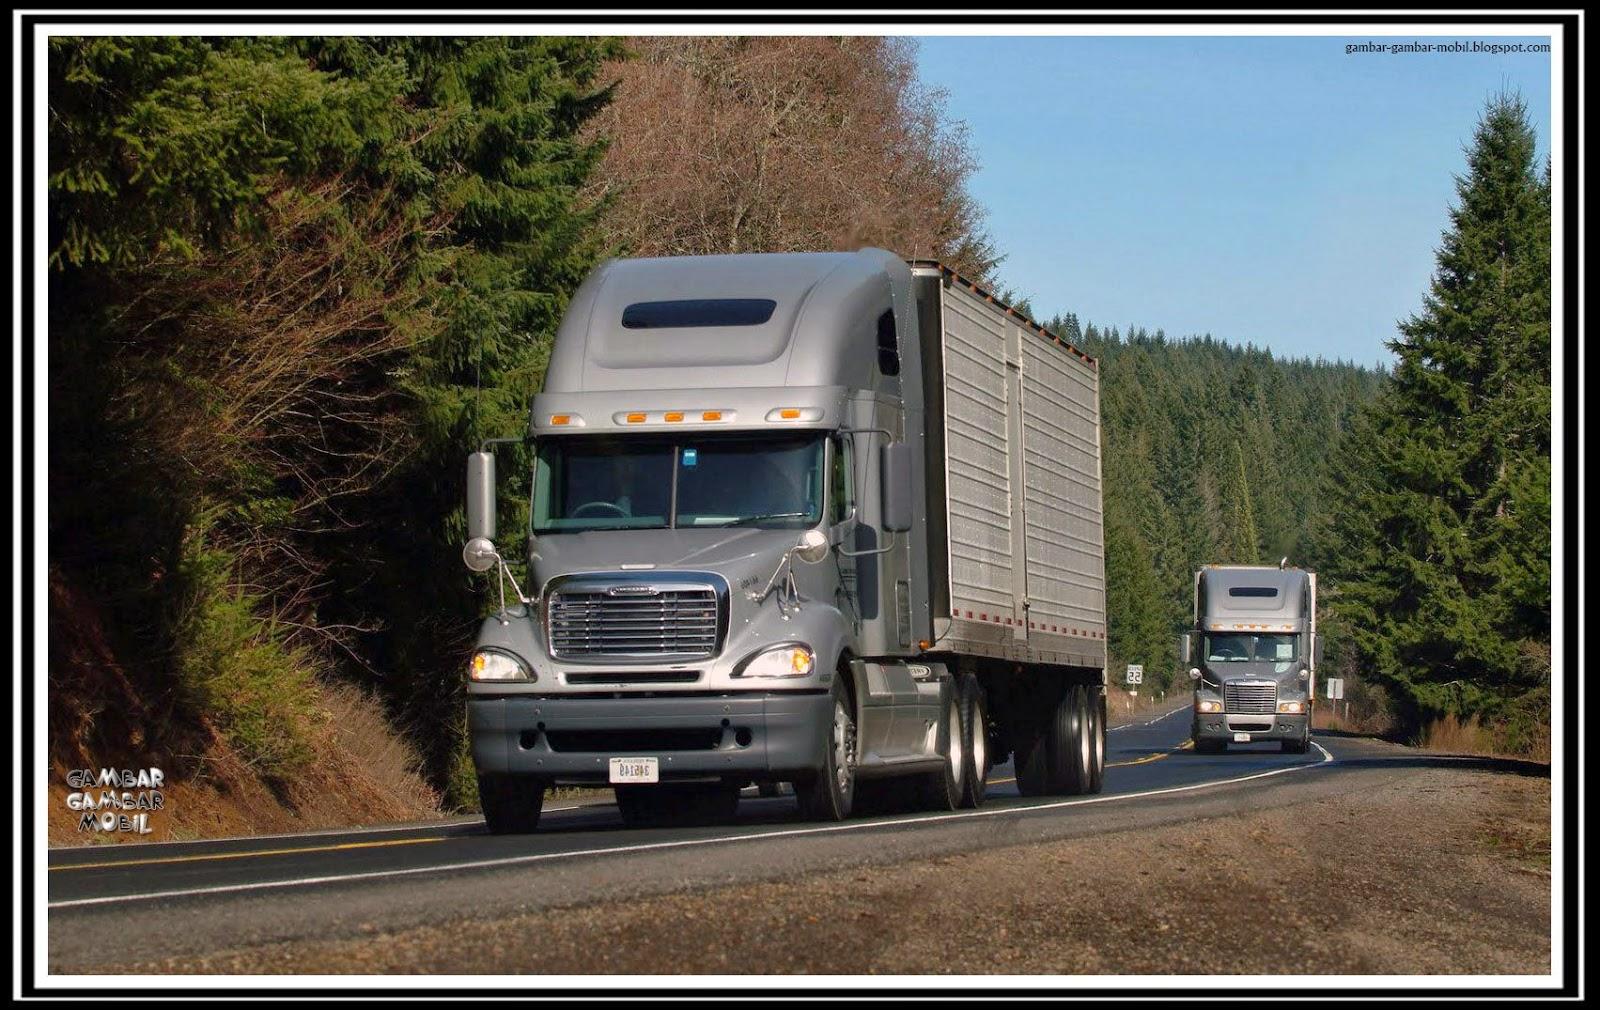 foto mobil truk terbesar foto variasi mobil truk foto mobil